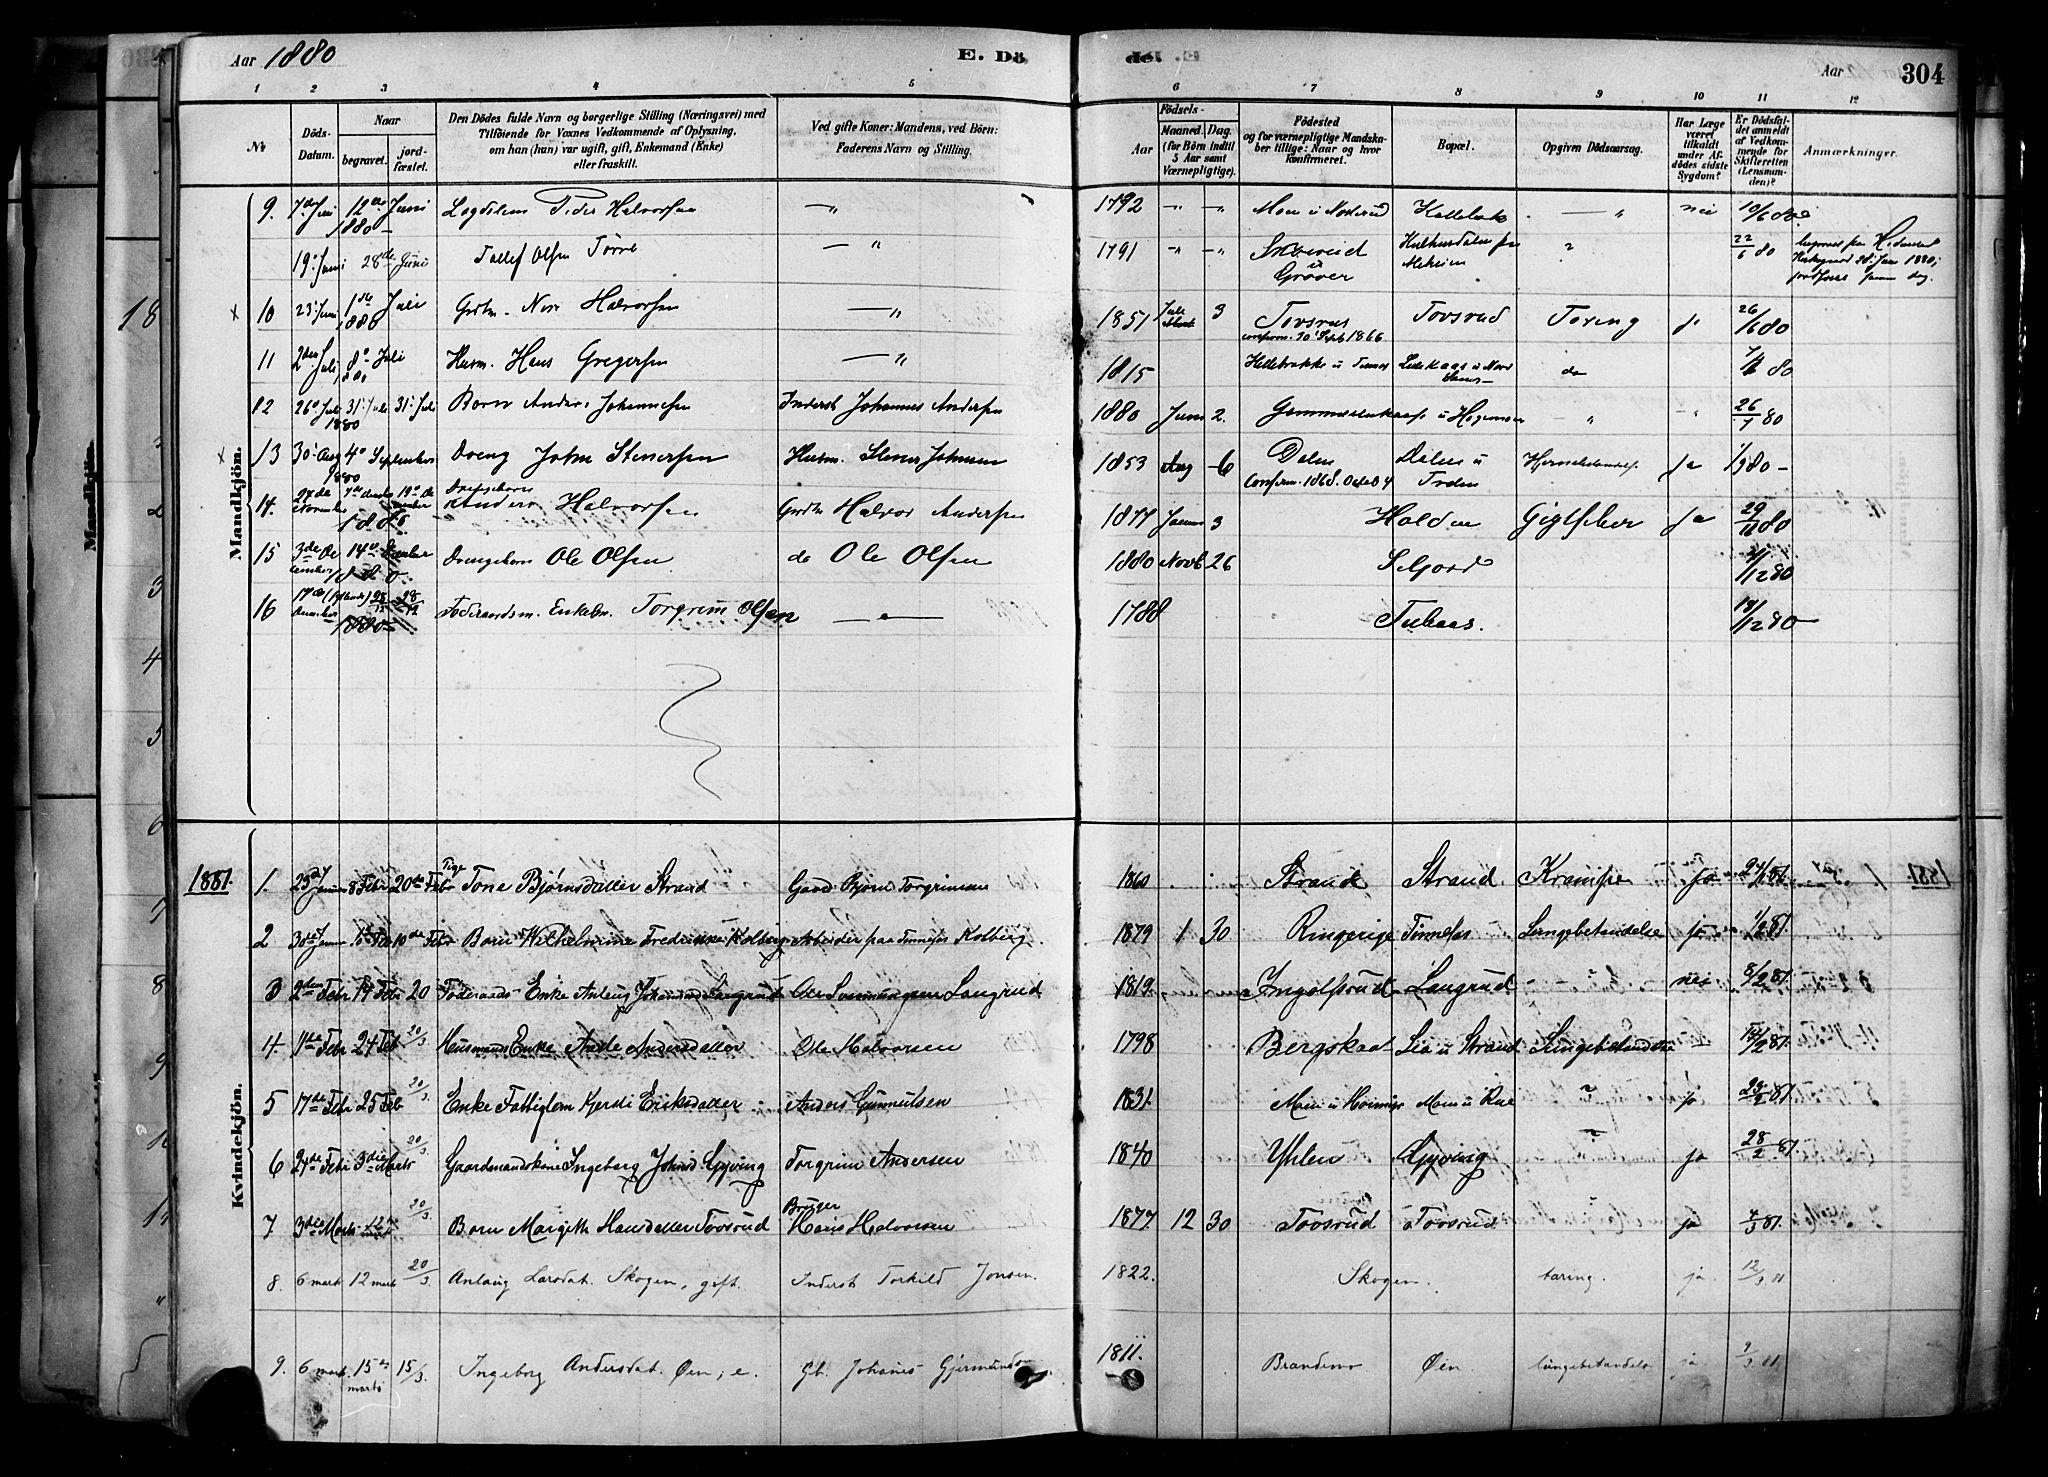 SAKO, Heddal kirkebøker, F/Fa/L0008: Ministerialbok nr. I 8, 1878-1903, s. 304